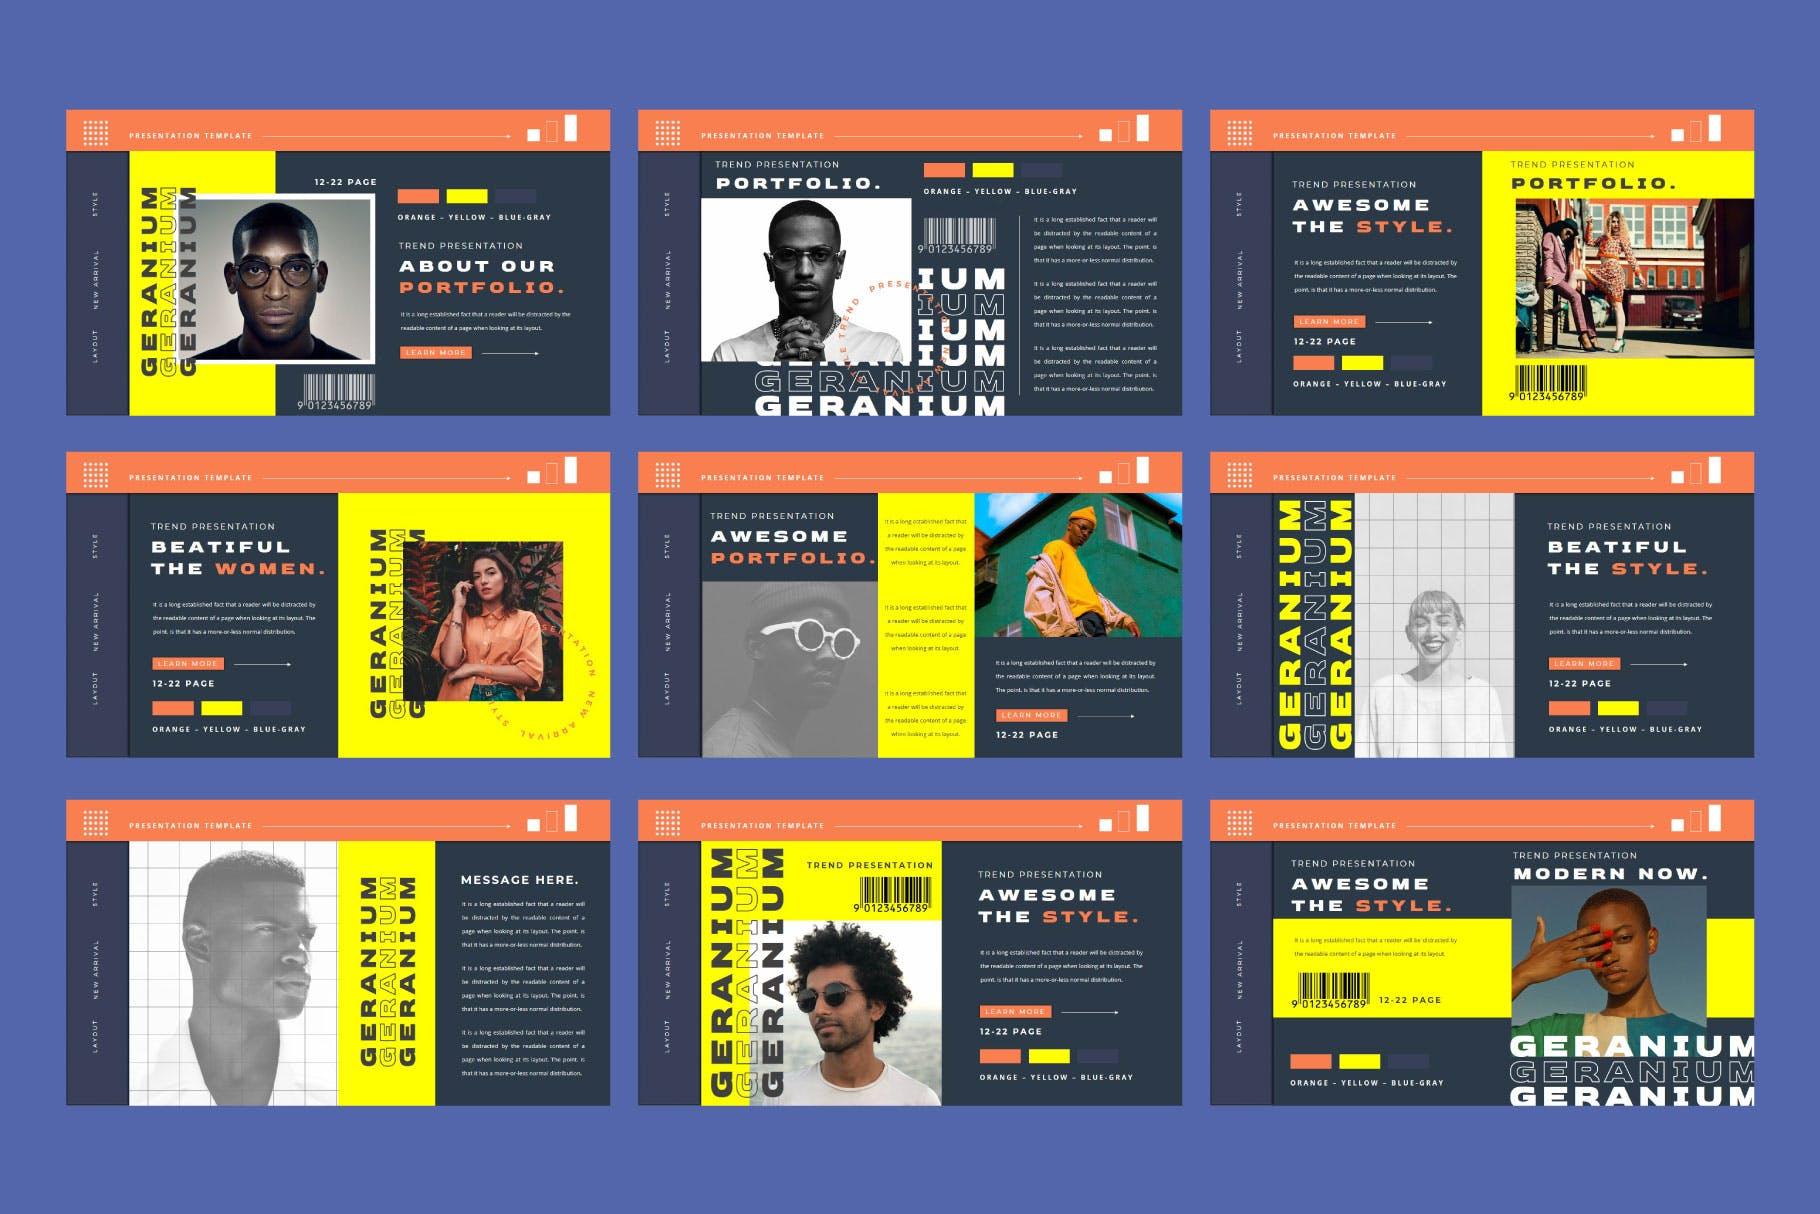 潮流品牌营销提案简报作品集设计模板 GERANIUM Powerpoint Template插图7